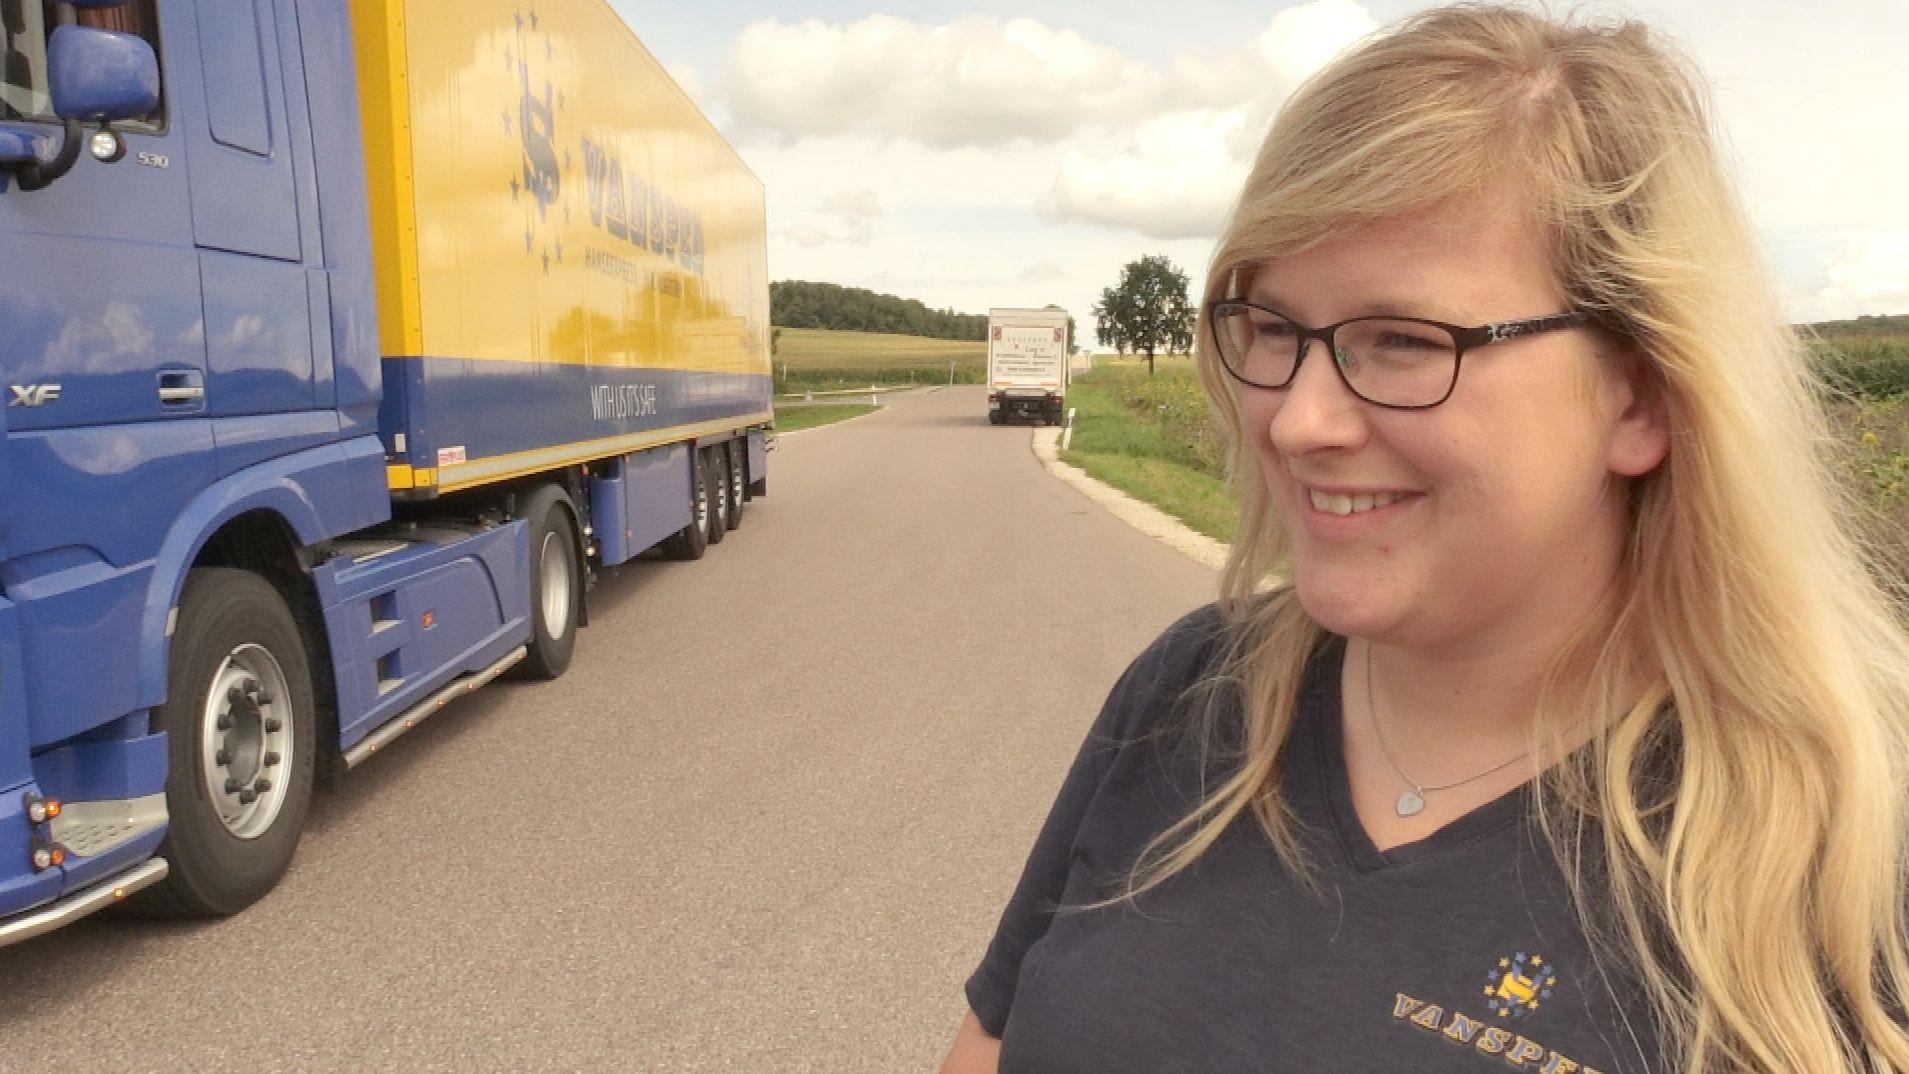 LKW-Fahrerin Sarah Klepsch